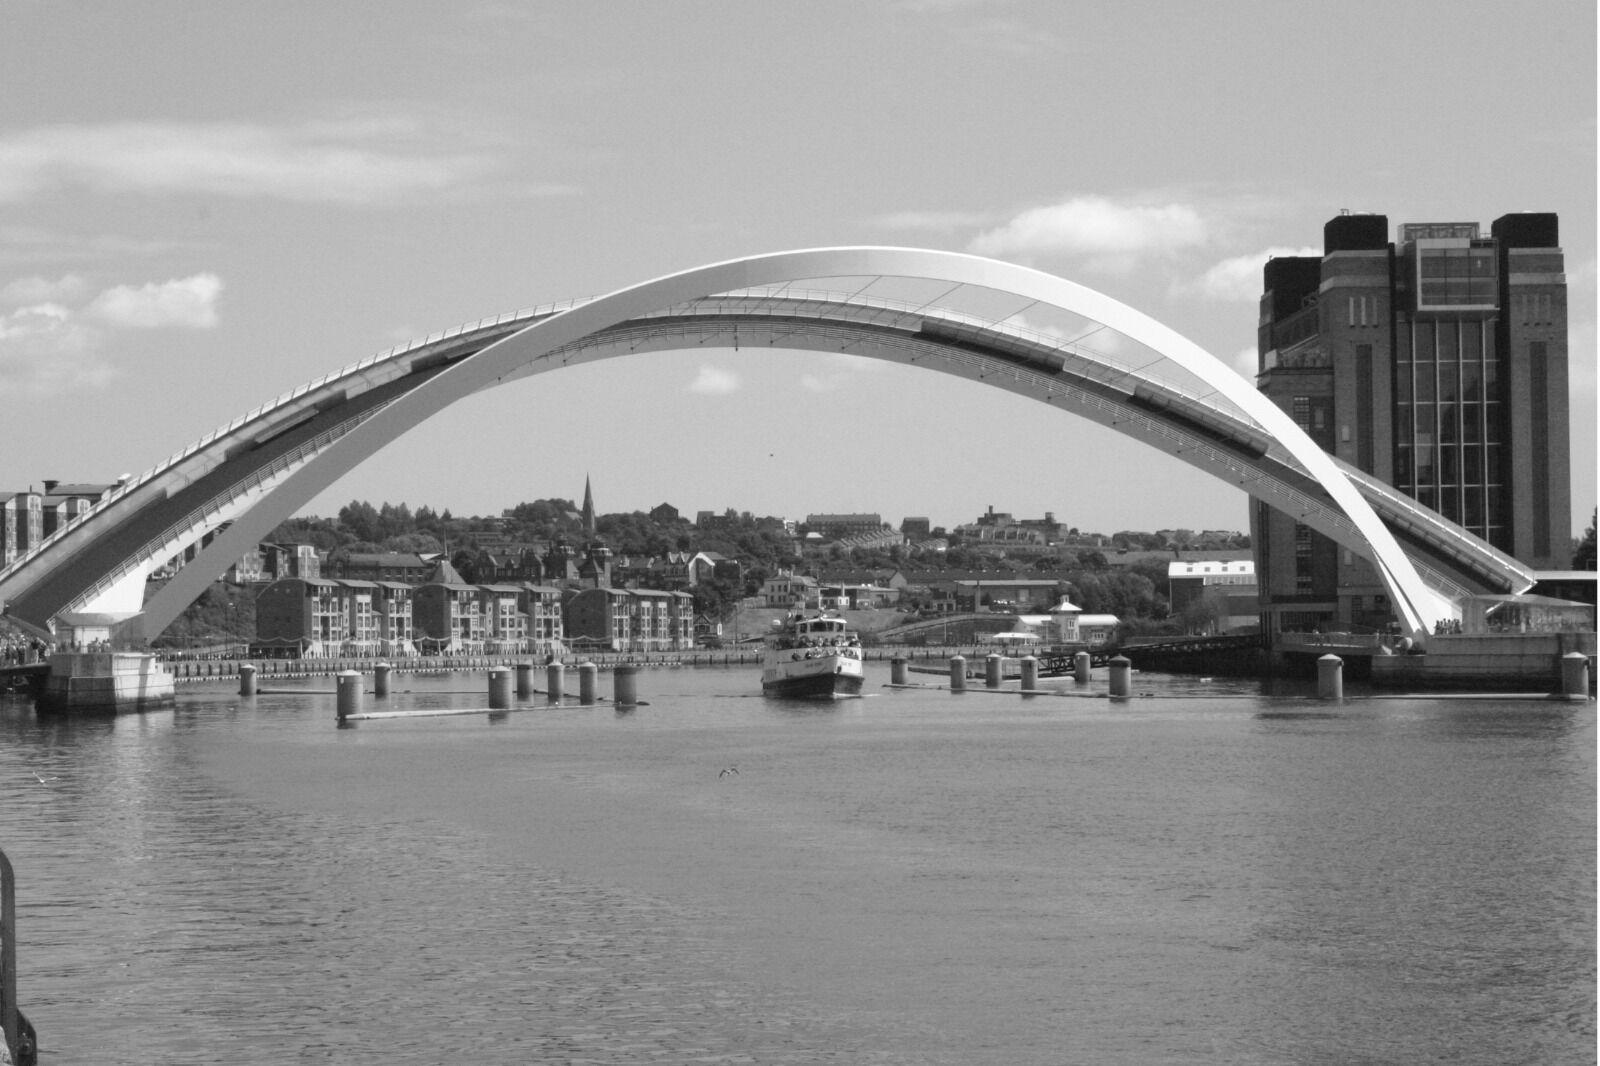 Quayside   Millennium Bridge Opening